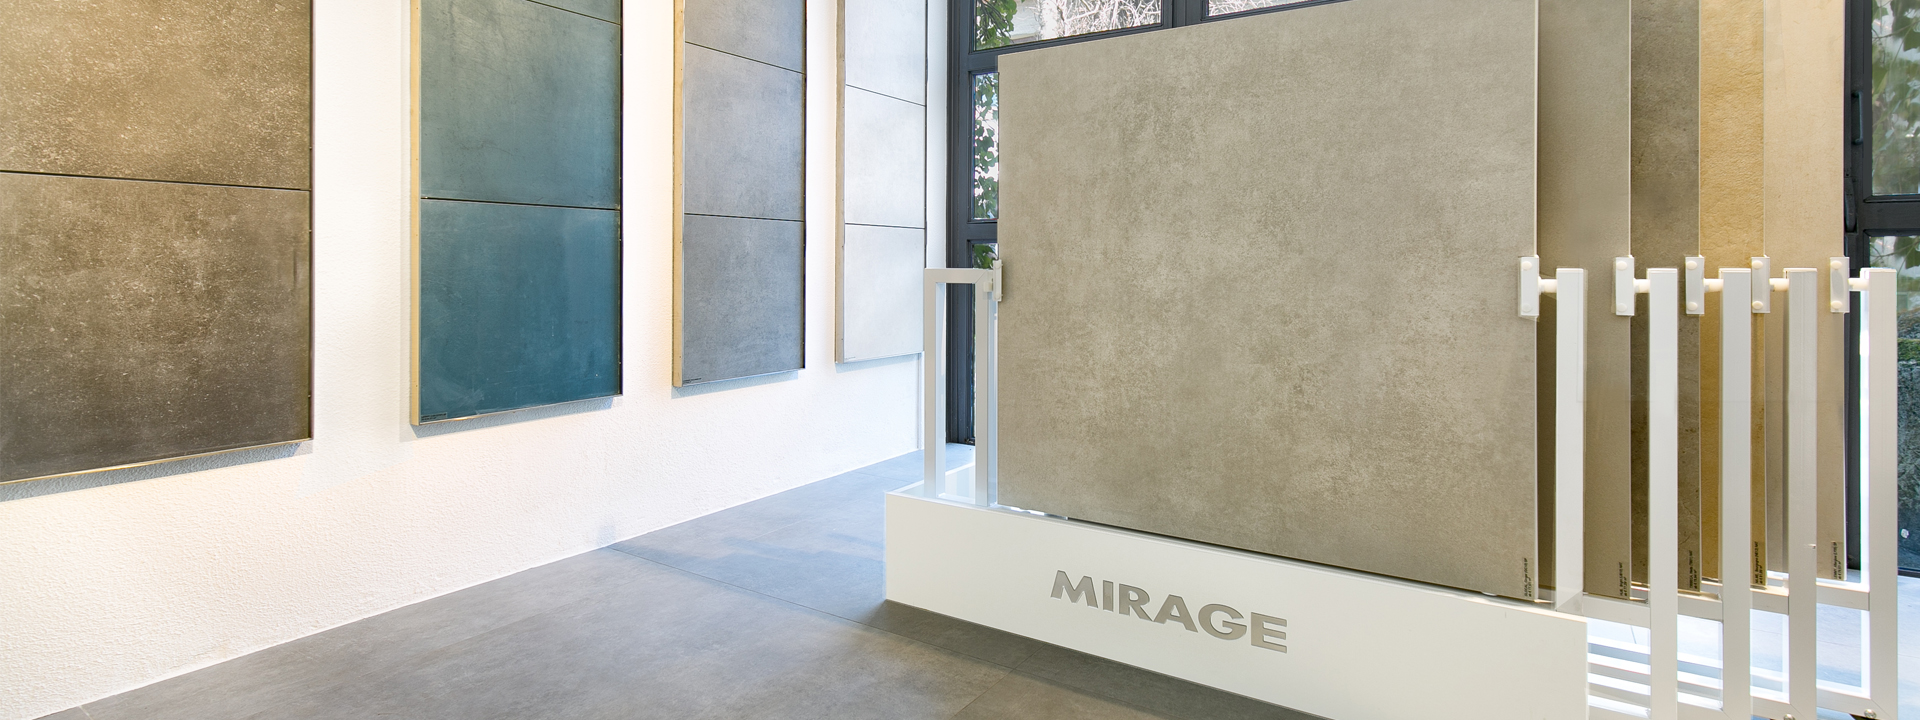 Mirage Keramik Ausstellung Gschlecht Naturstein Singen